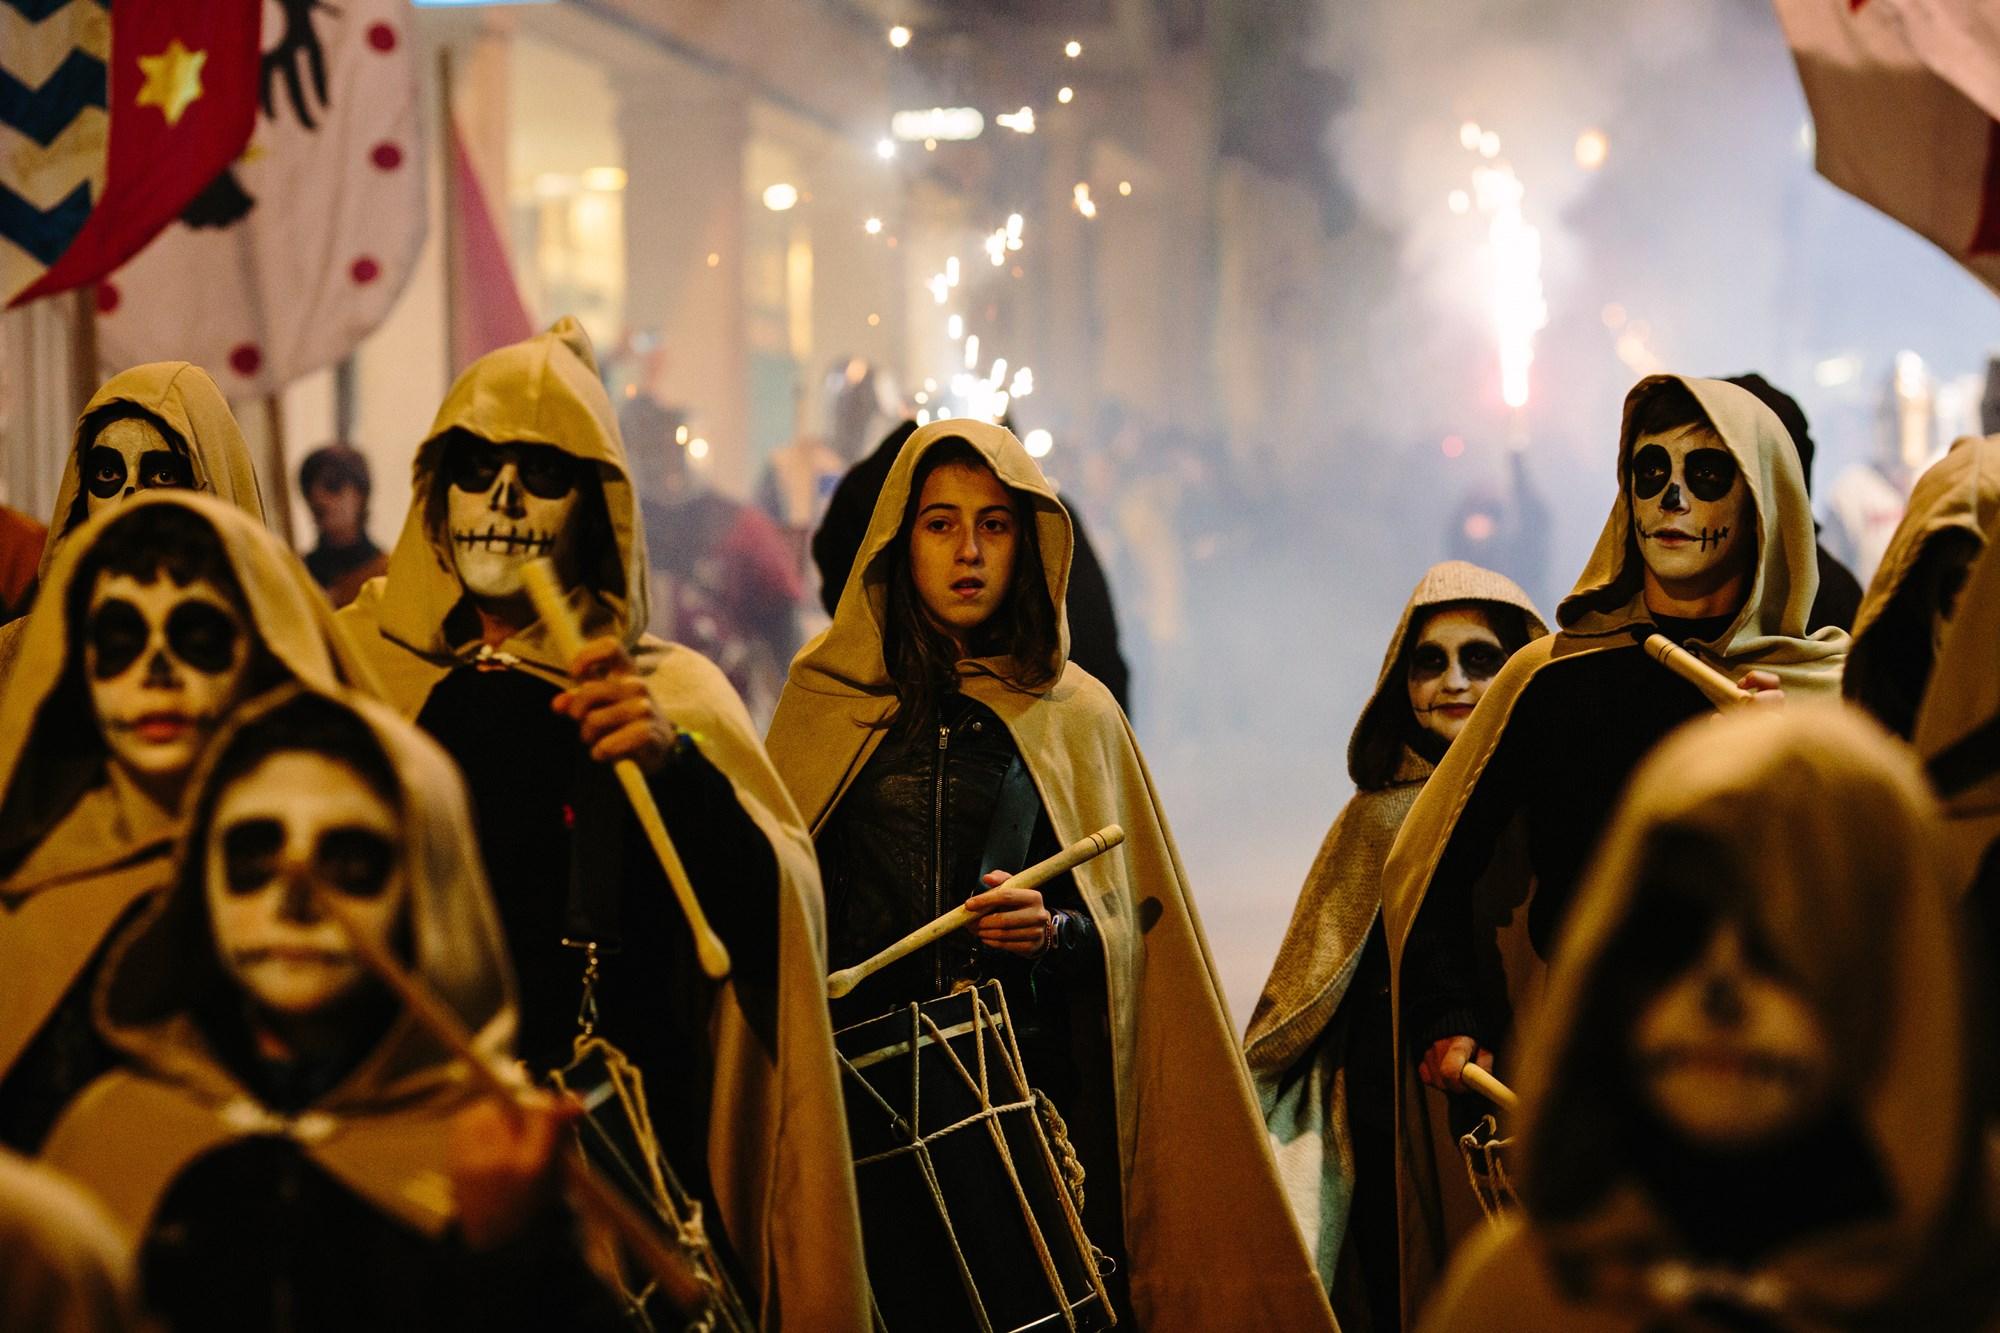 Desfile durante el Festival de las Ánimas, en Soria. Foto: Concha Ortega.